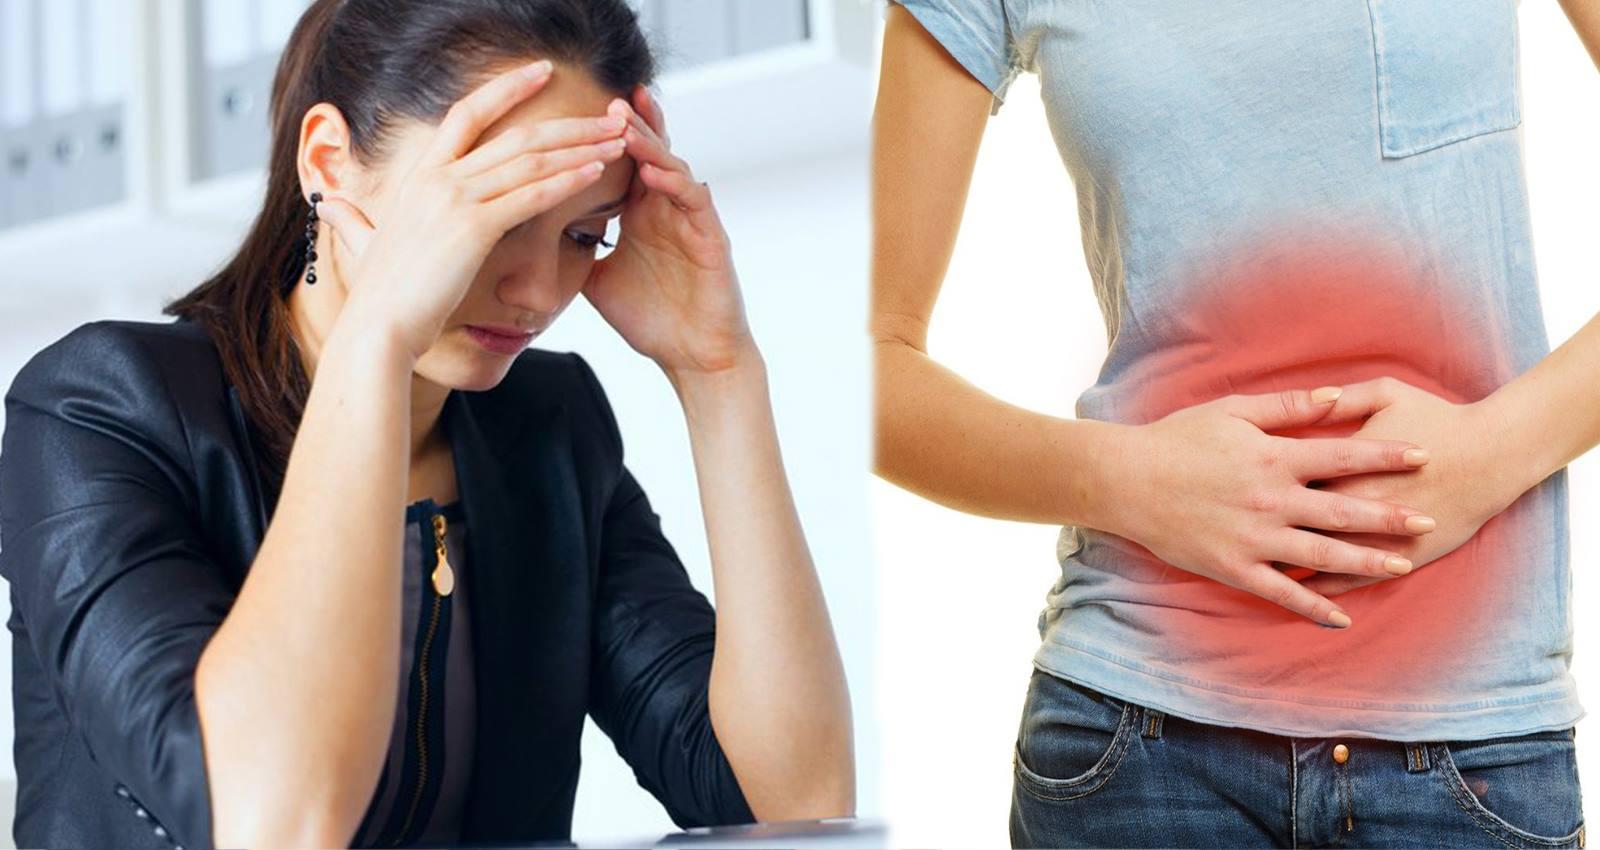 Phụ nữ mắc hội chứng ruột kích thích nhiều gấp đôi nam giới